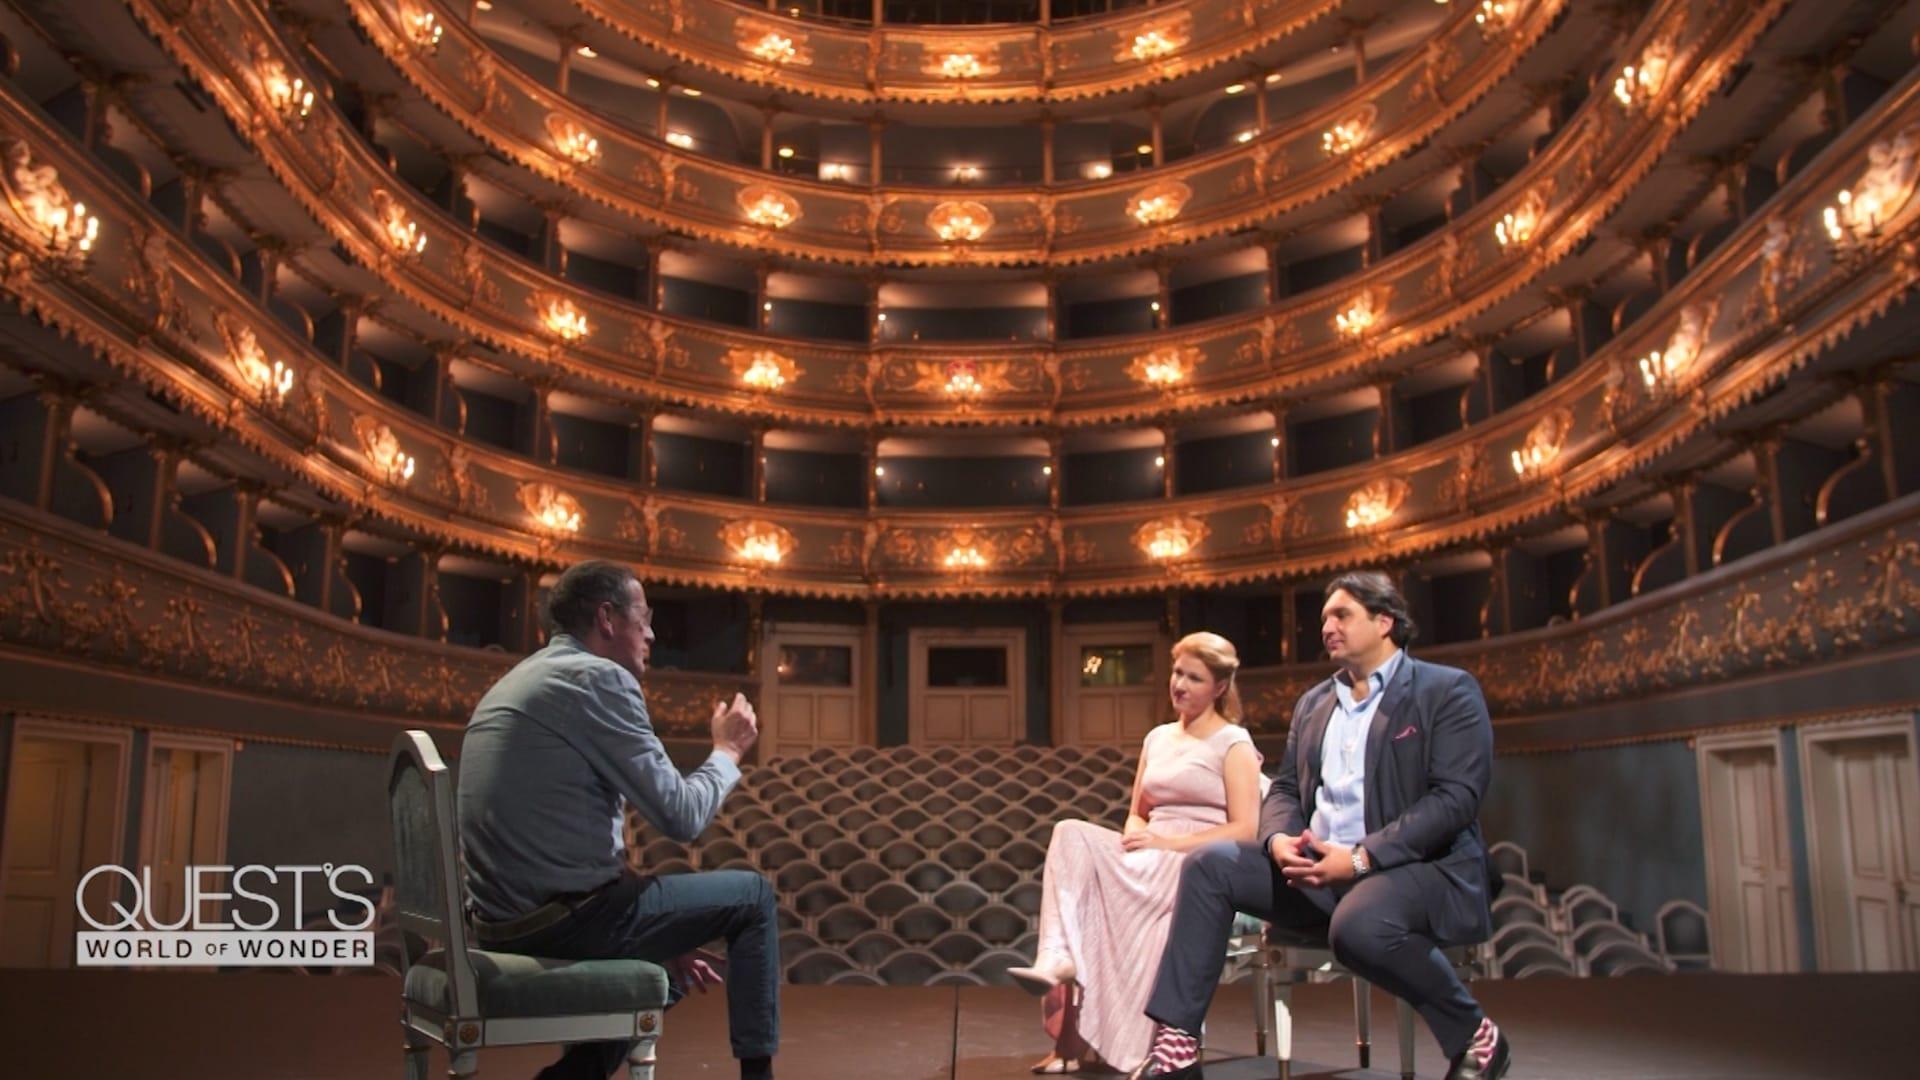 """داخل المسرح الذي افتتحه موزارت بأوبرا """"دون جيوفاني"""" في براغ قبل 200 عام"""